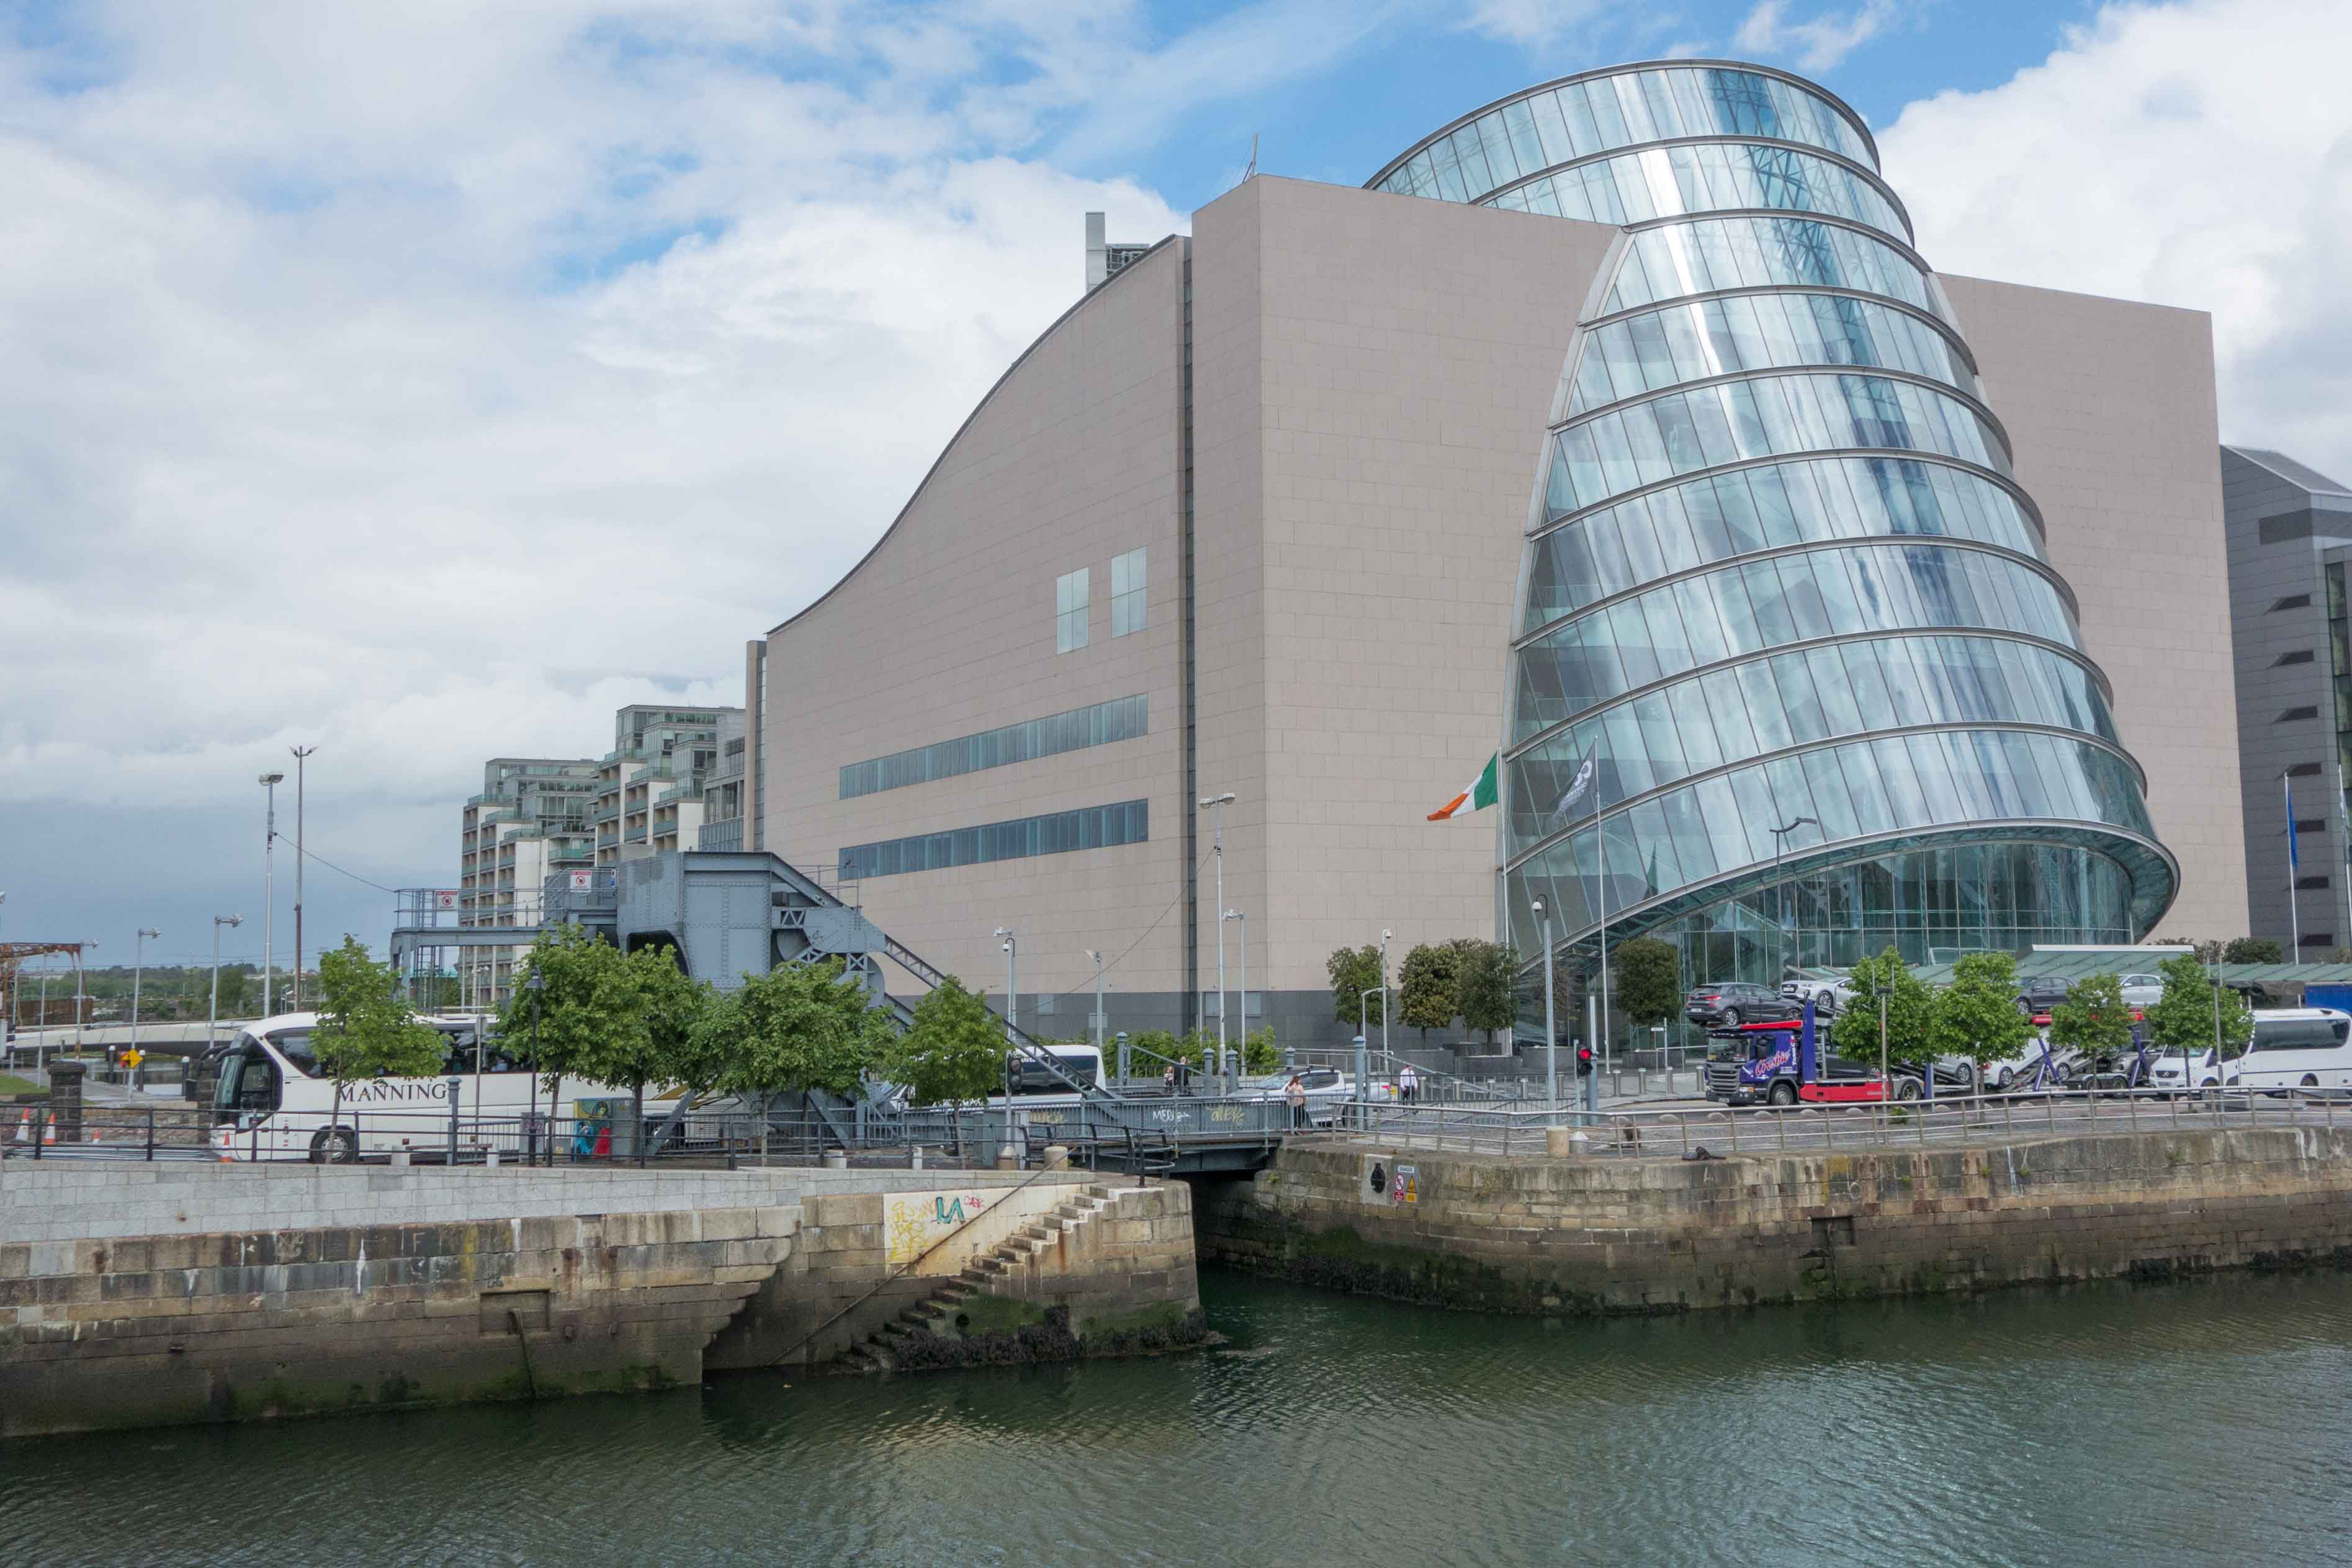 De invaart van het kanaal vanaf de Liffey in Dublin, die in het niet valt in het drukke centrum van Dublin. Over de invaart ligt de Scherzerbrug. Het gebouw rechts is het Convention Centre, een conferentiecentrum. Foto auteur